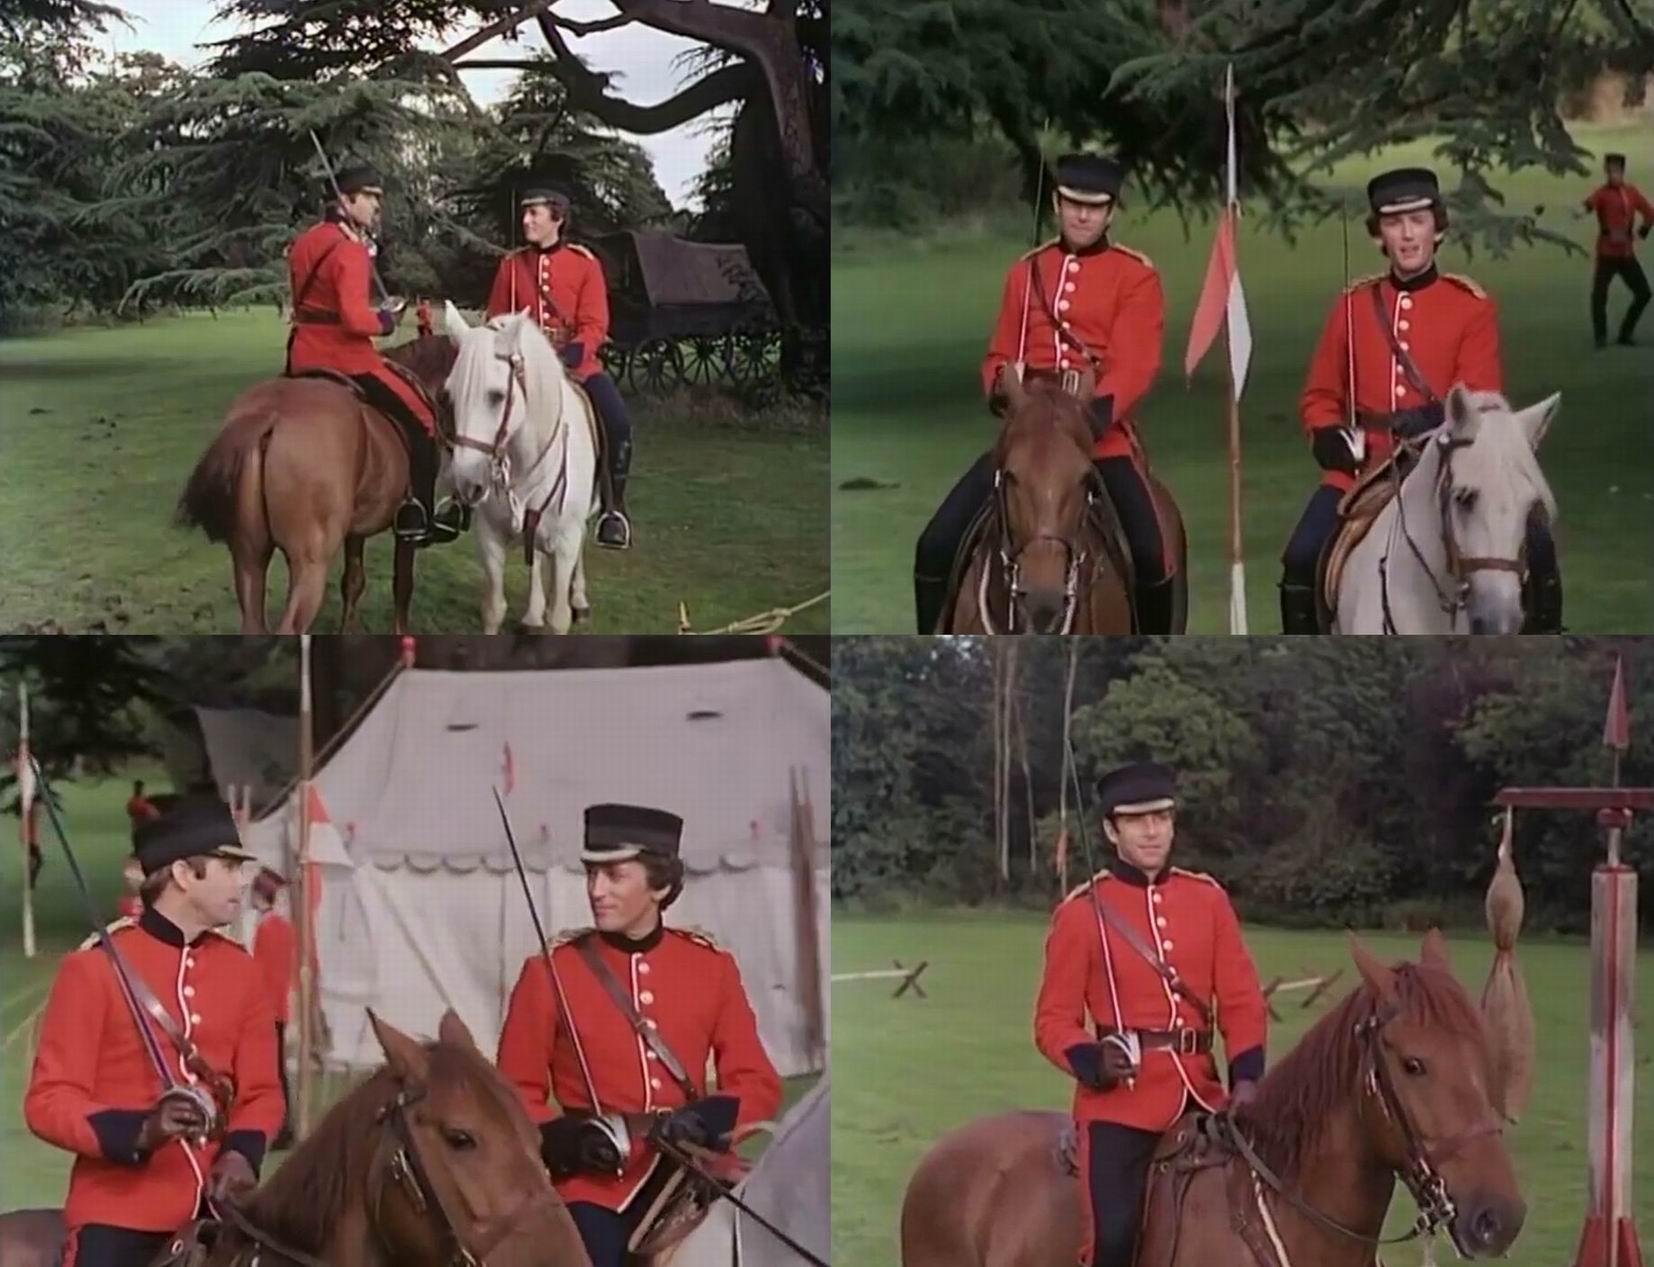 Главные герои на конной тренировке. Нет ни кокард, ни петличных знаков.